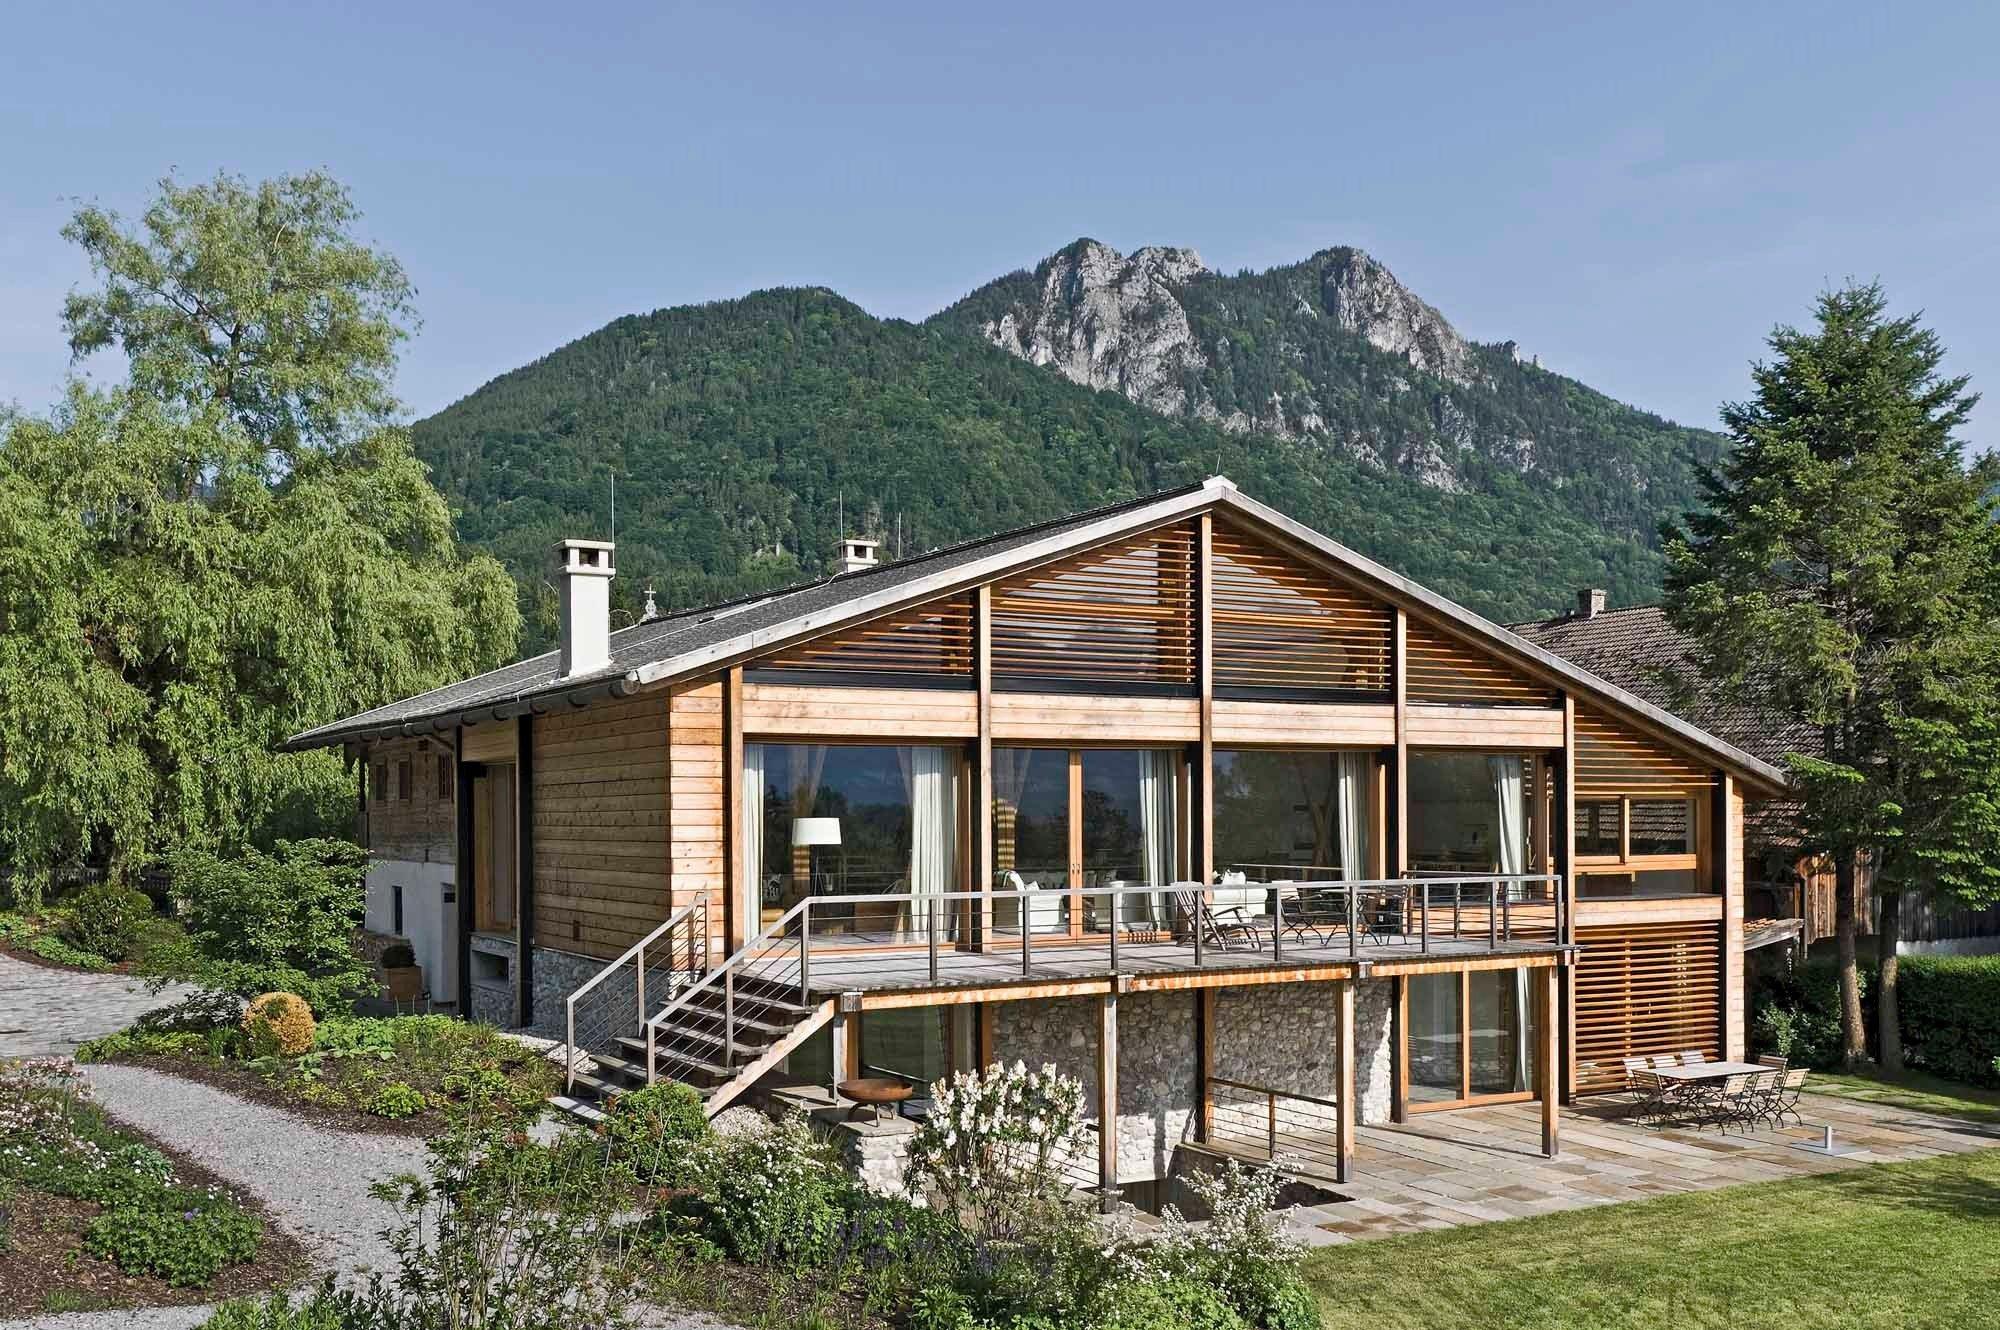 Bauernhaus in nu dorf am inn sonnenschutz wohnen for Bauernhaus modern